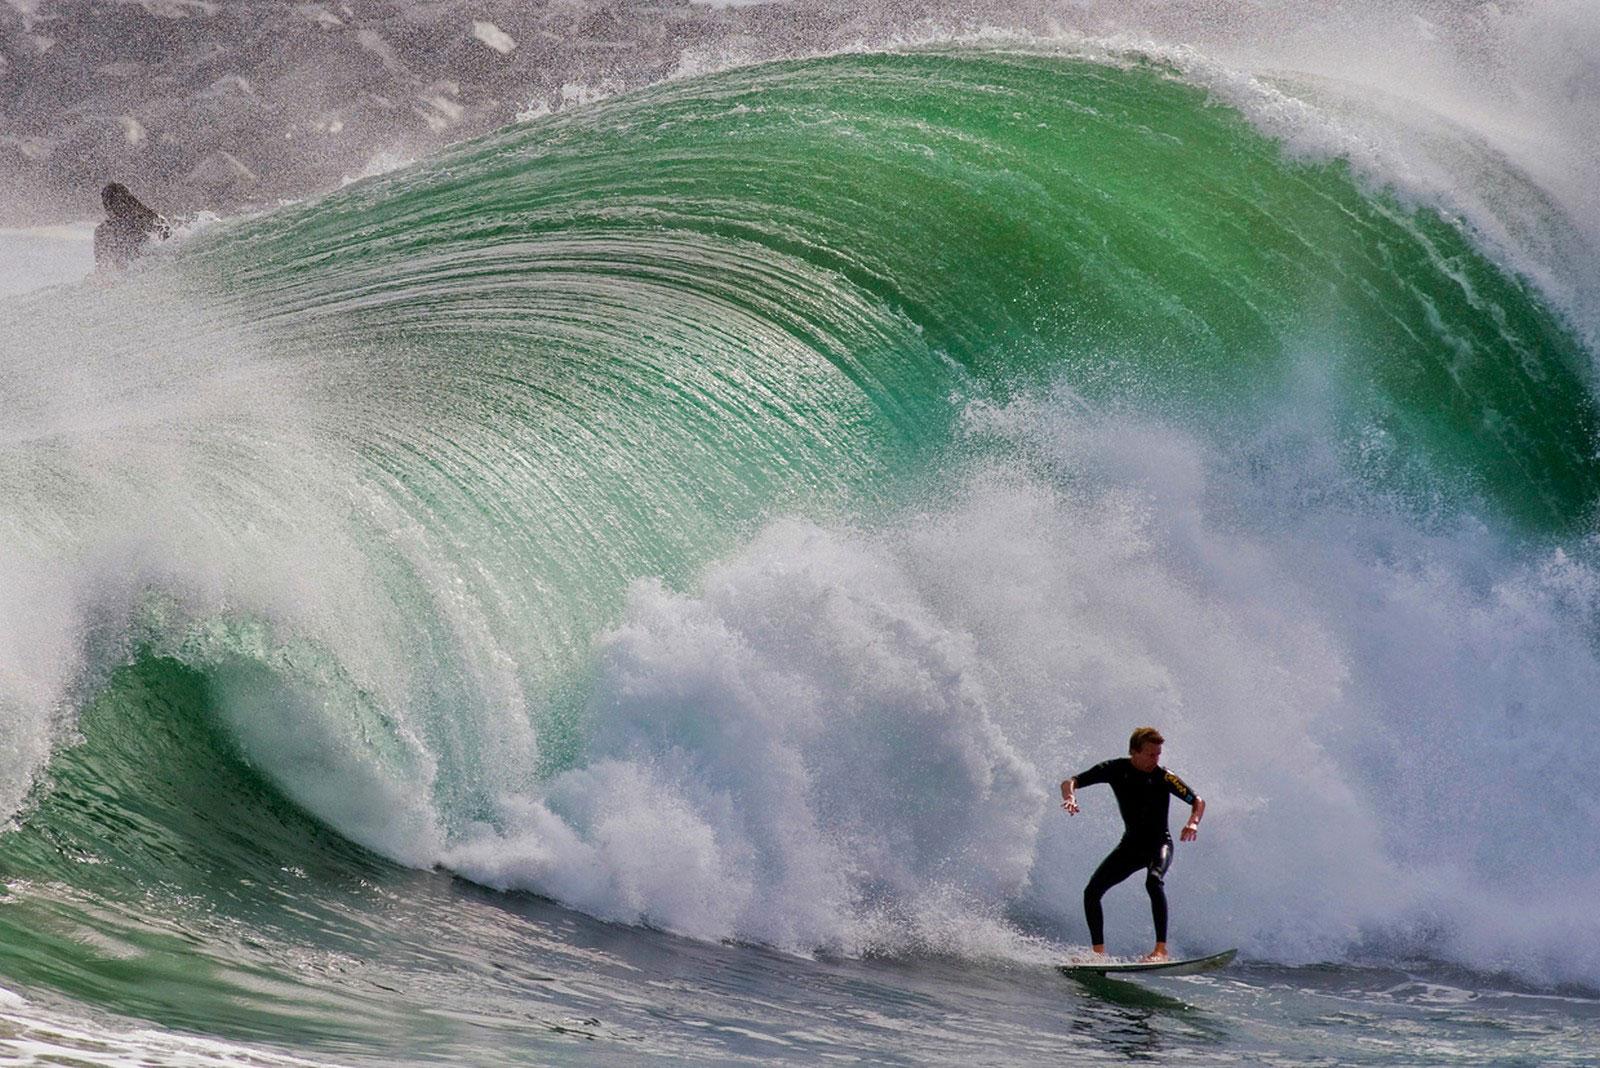 волна в погоне за серфером, фото